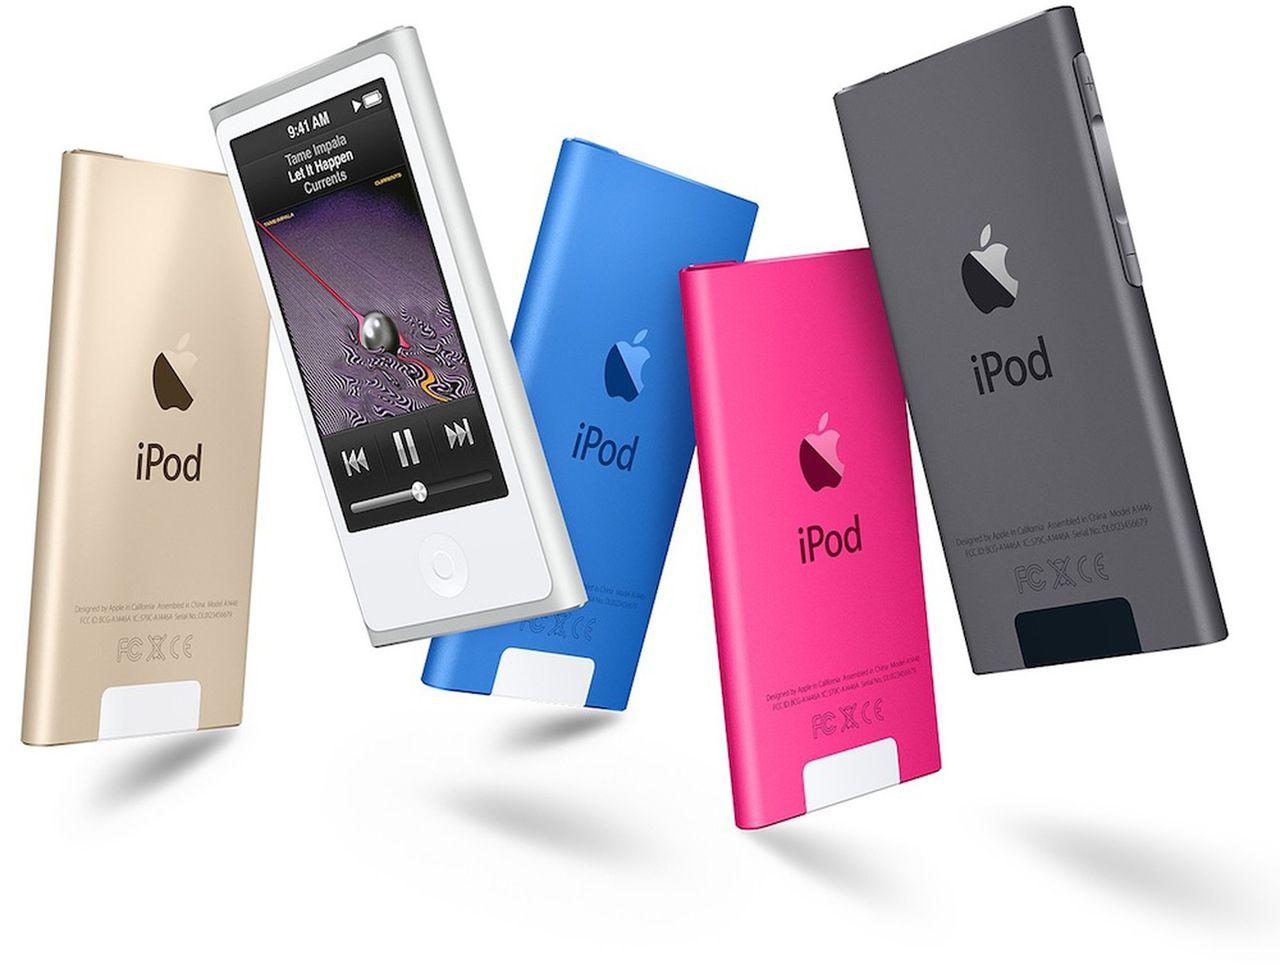 Nu räknar Apple den sista iPod Nano-modellen som vintage